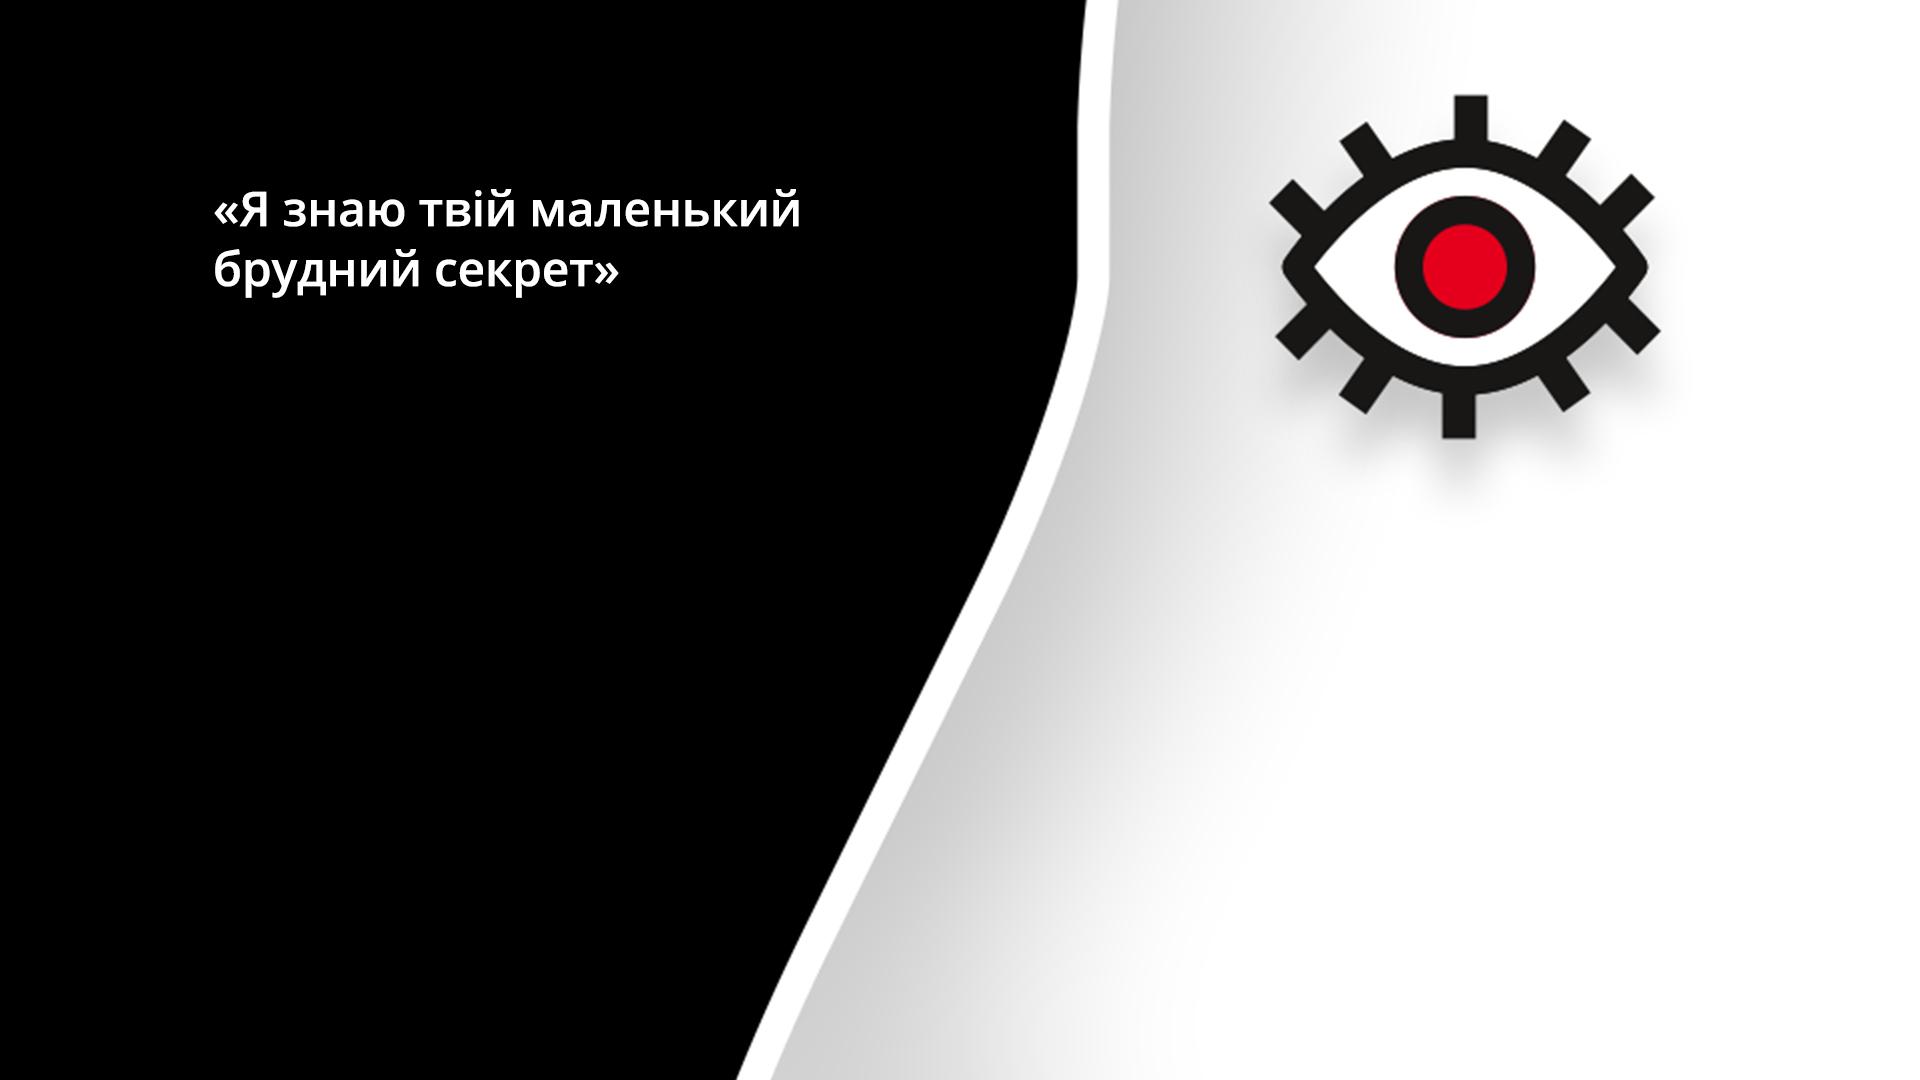 Дайджест #2. ТОП-5 Кіберзагроз під час карантину